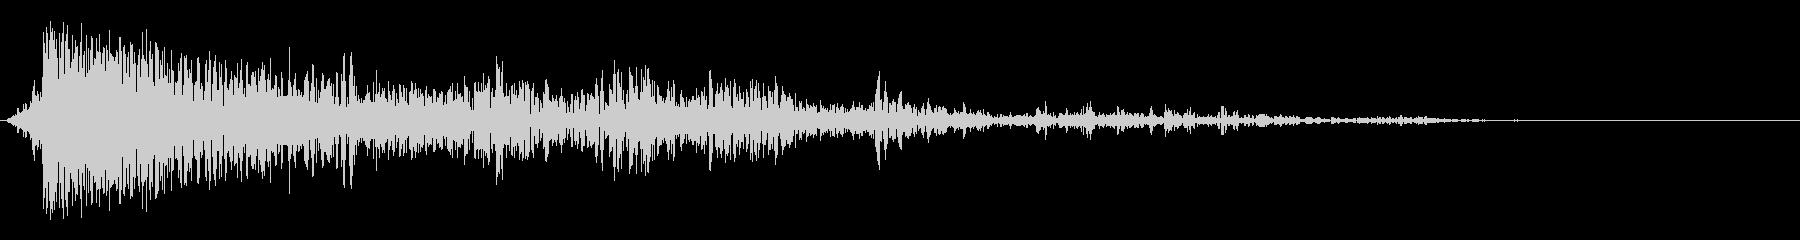 ドーン~ゴロゴロ… 遠くで雷が落ちる音の未再生の波形